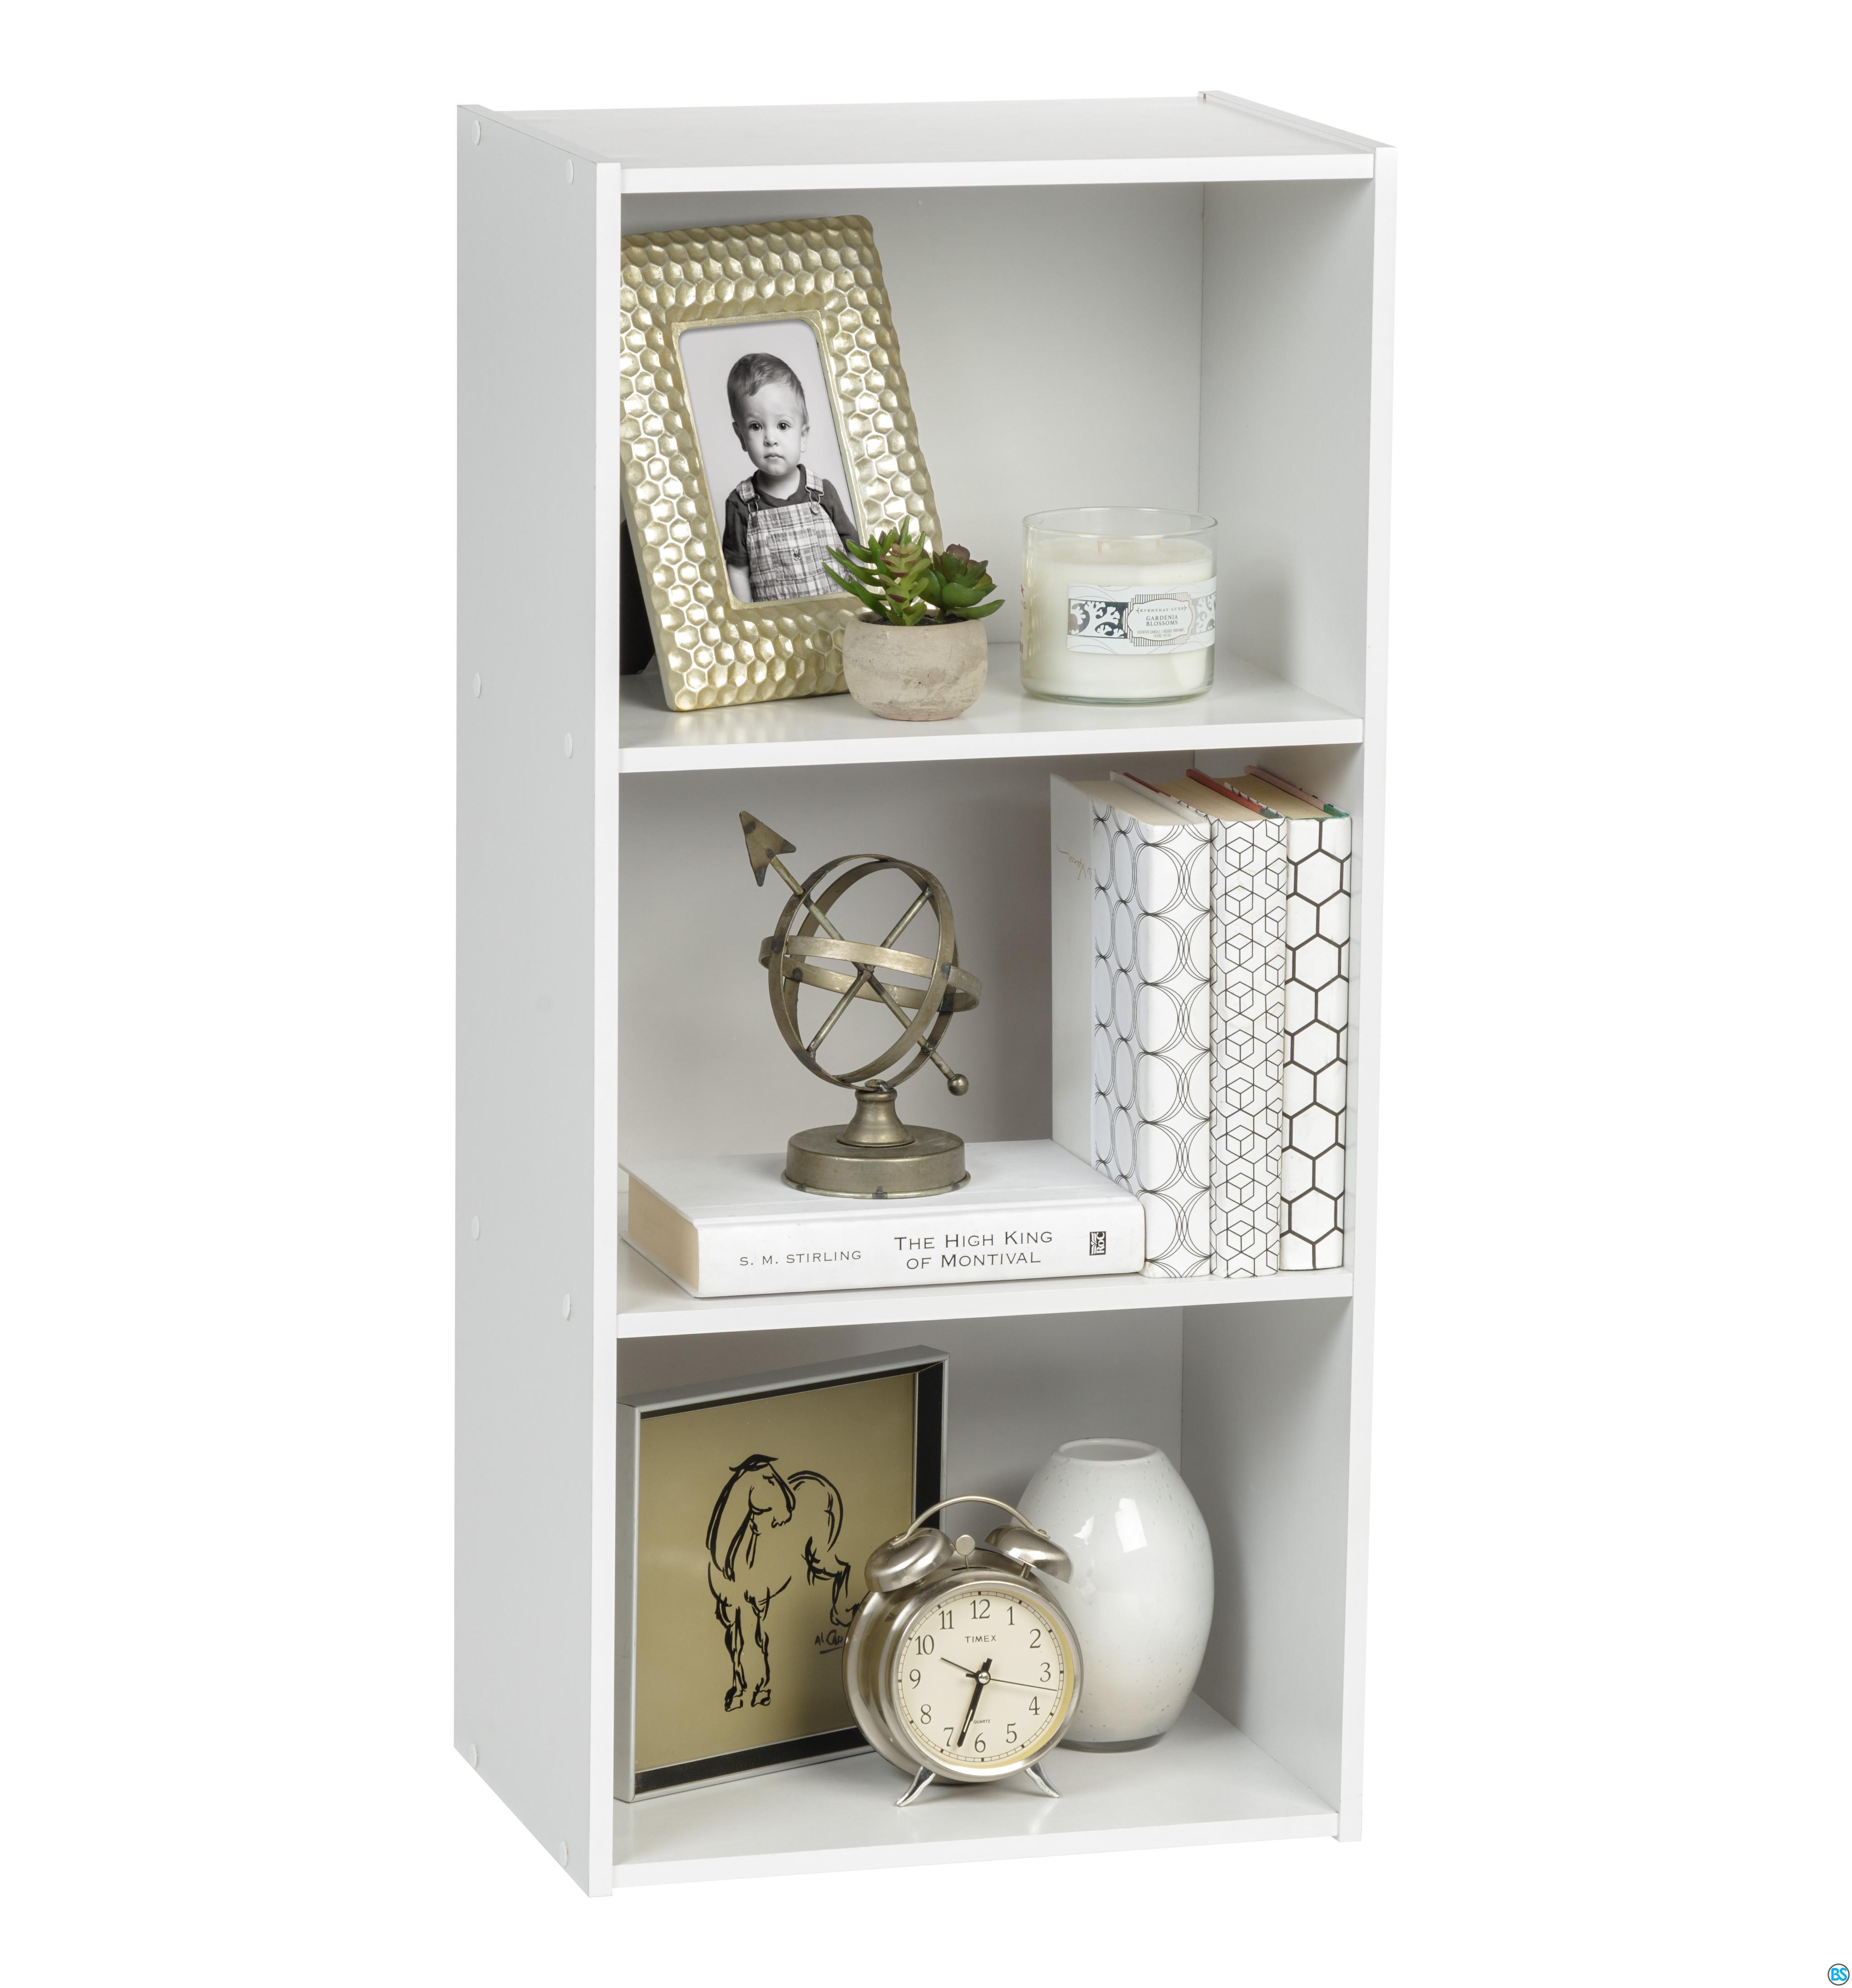 Iris Usa 3 Tier Wood Bookshelf White In 2020 Wood Bookshelves Wood Storage Shelves Small Bookshelf